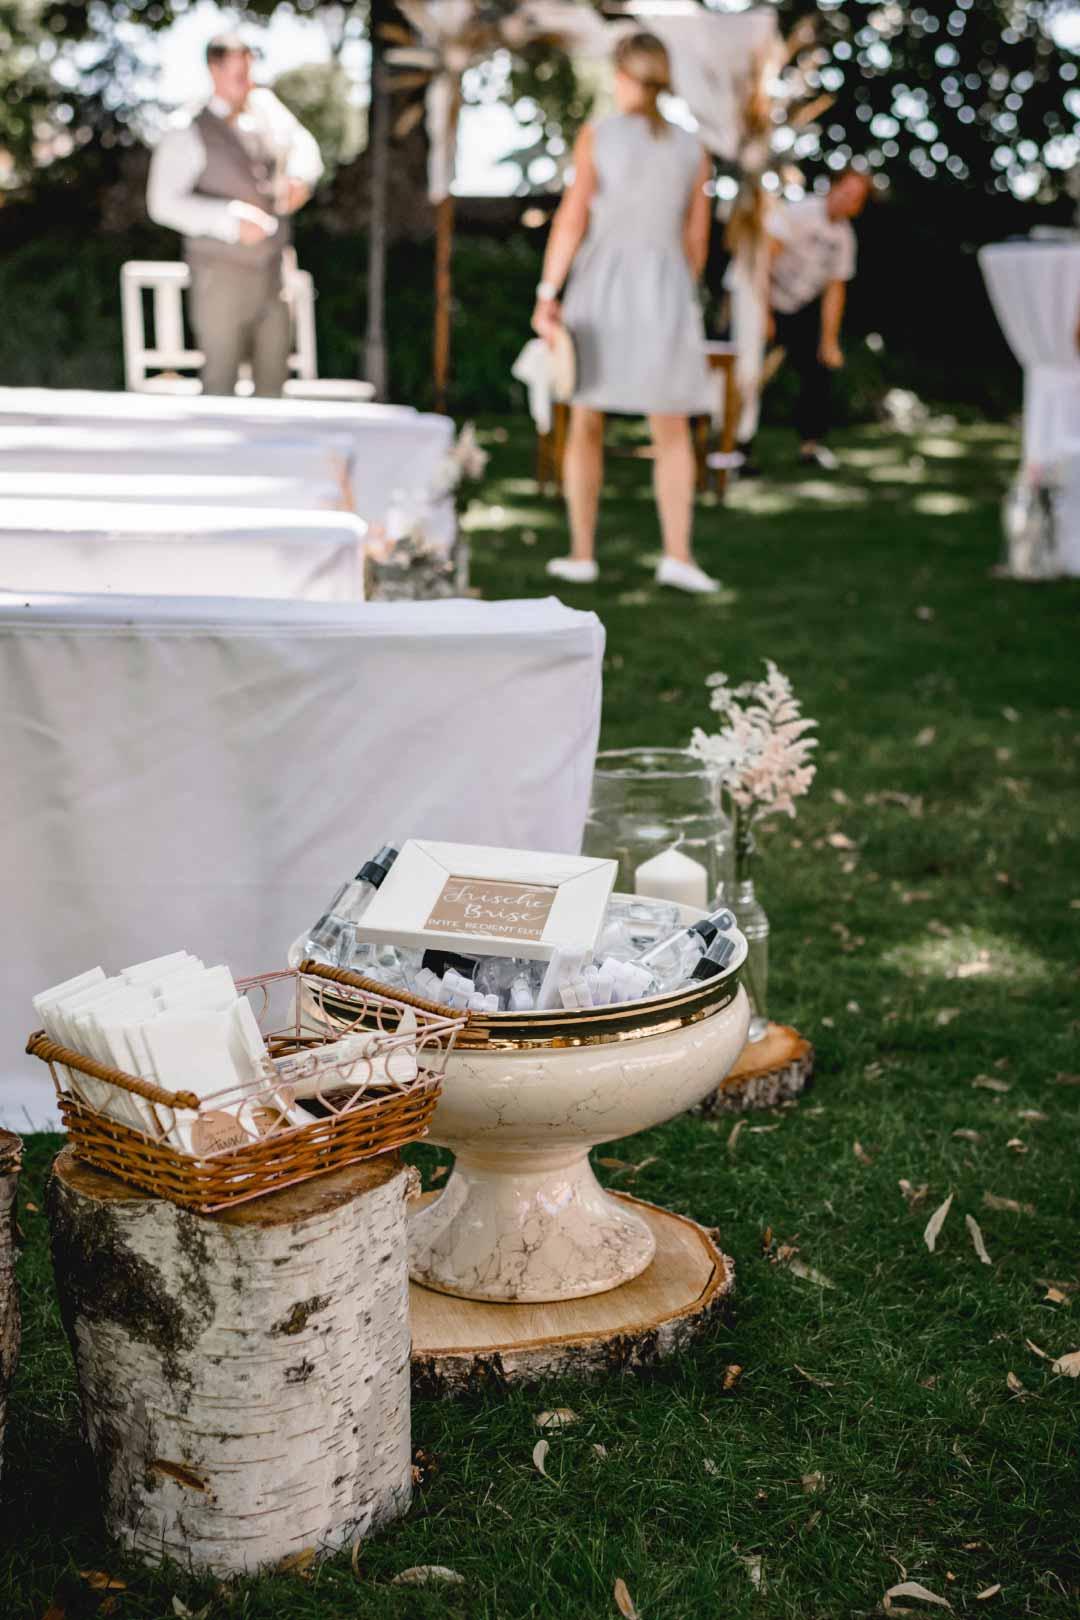 Accessoires für die Gäste bei der Hochzeit